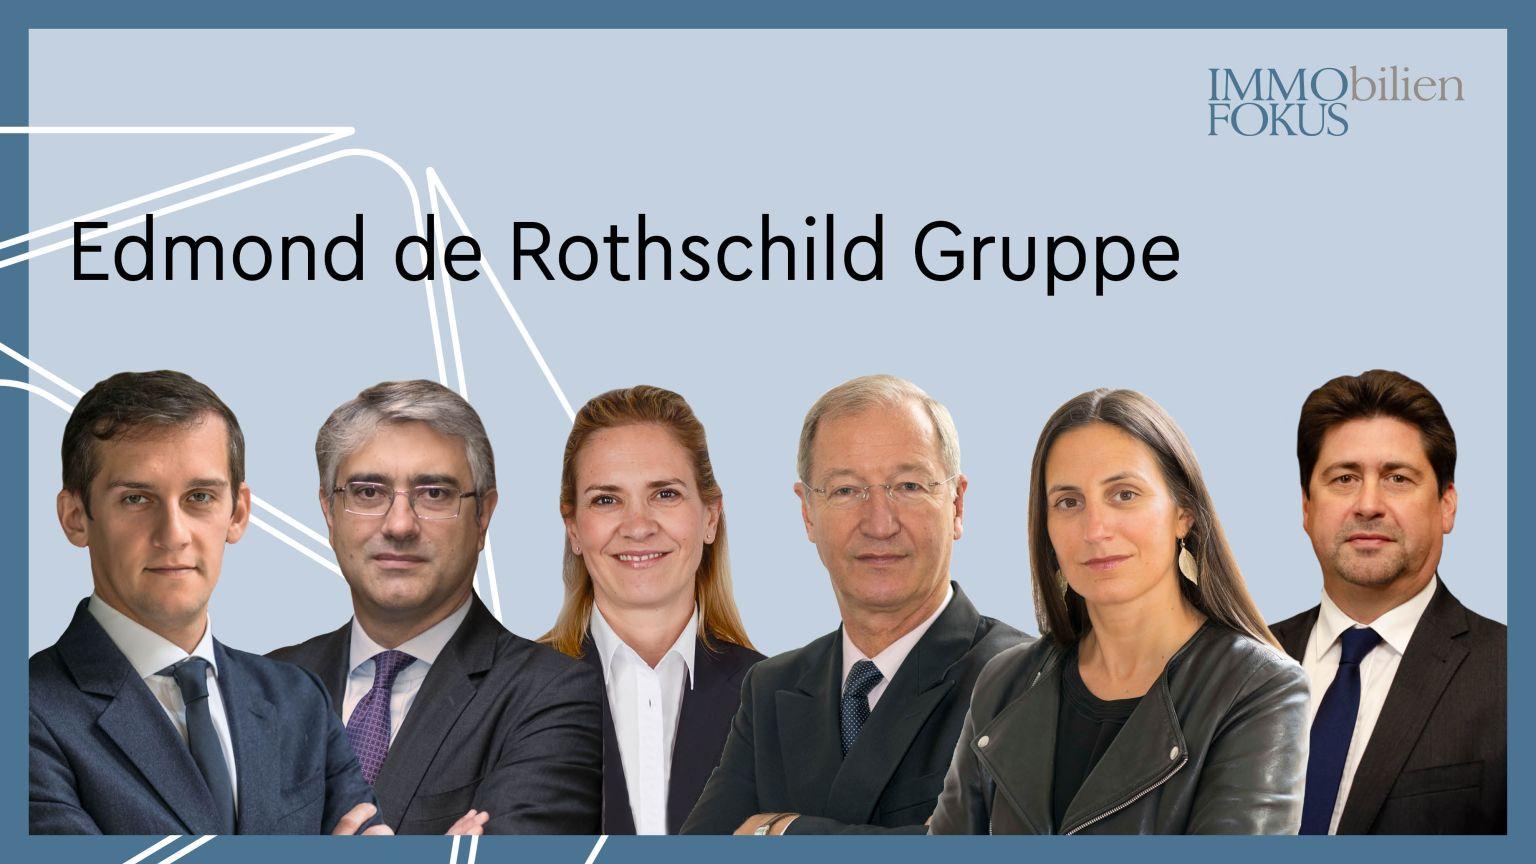 Edmond de Rothschild Gruppe stellt Führungsteam auf